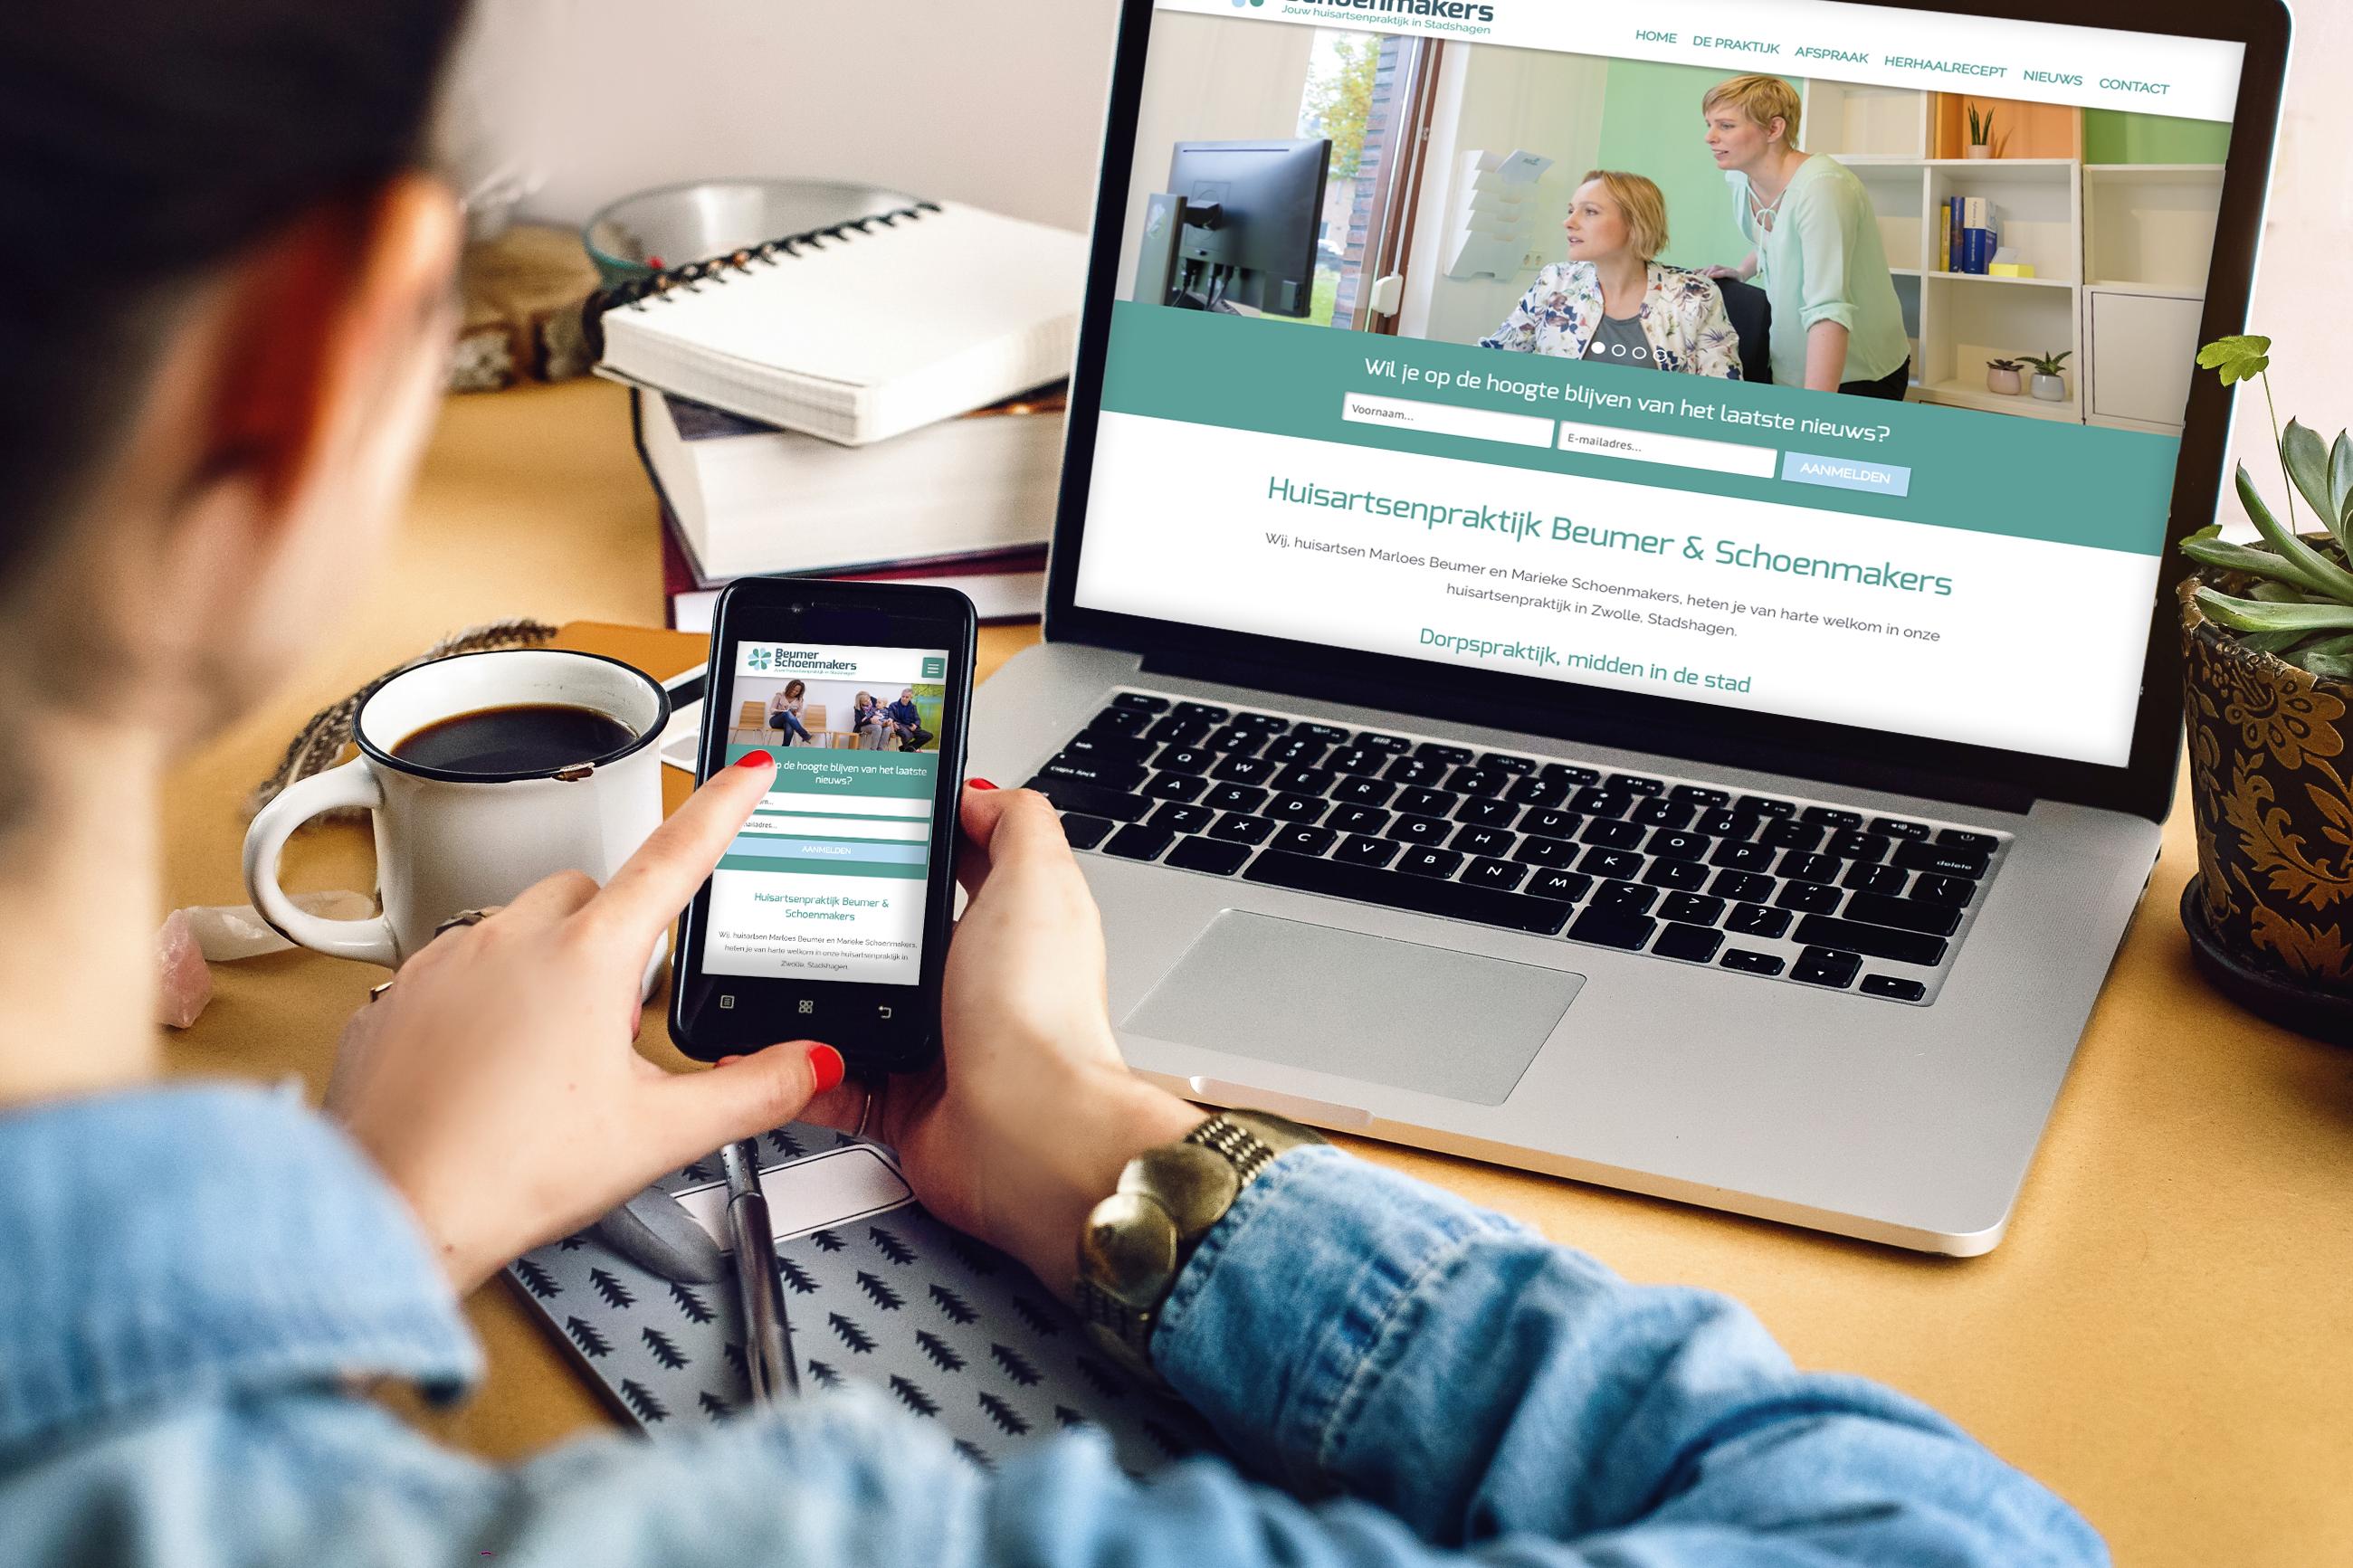 Een mobile ready website en infrastructuur nuttig en noodzakelijk